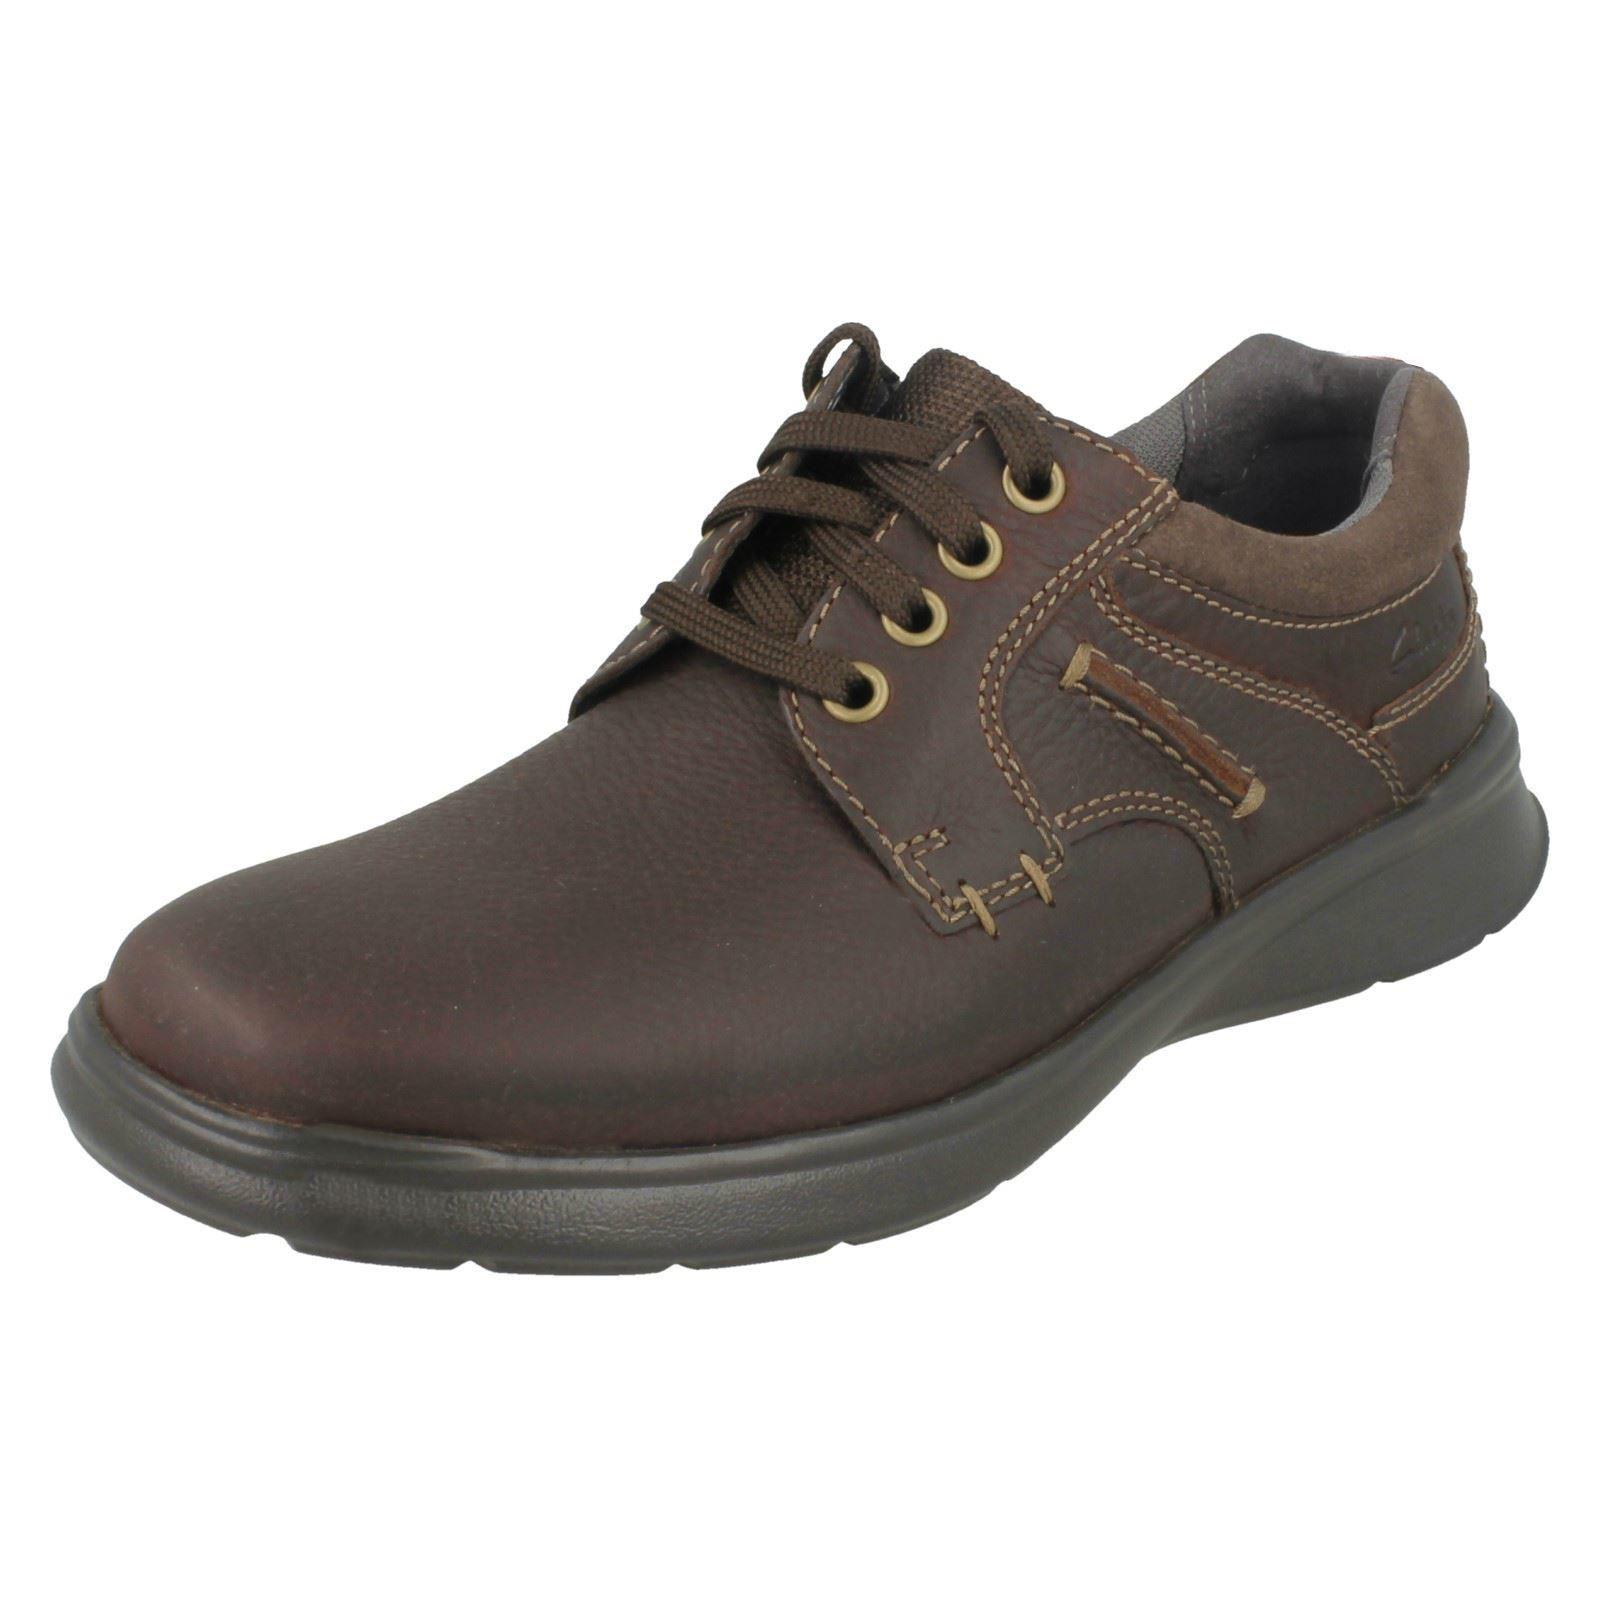 Scarpe casual da uomo  Clarks Uomo COTRELL tinta unita Marrone OLEOSO Scarpe numero x 9 calzata G